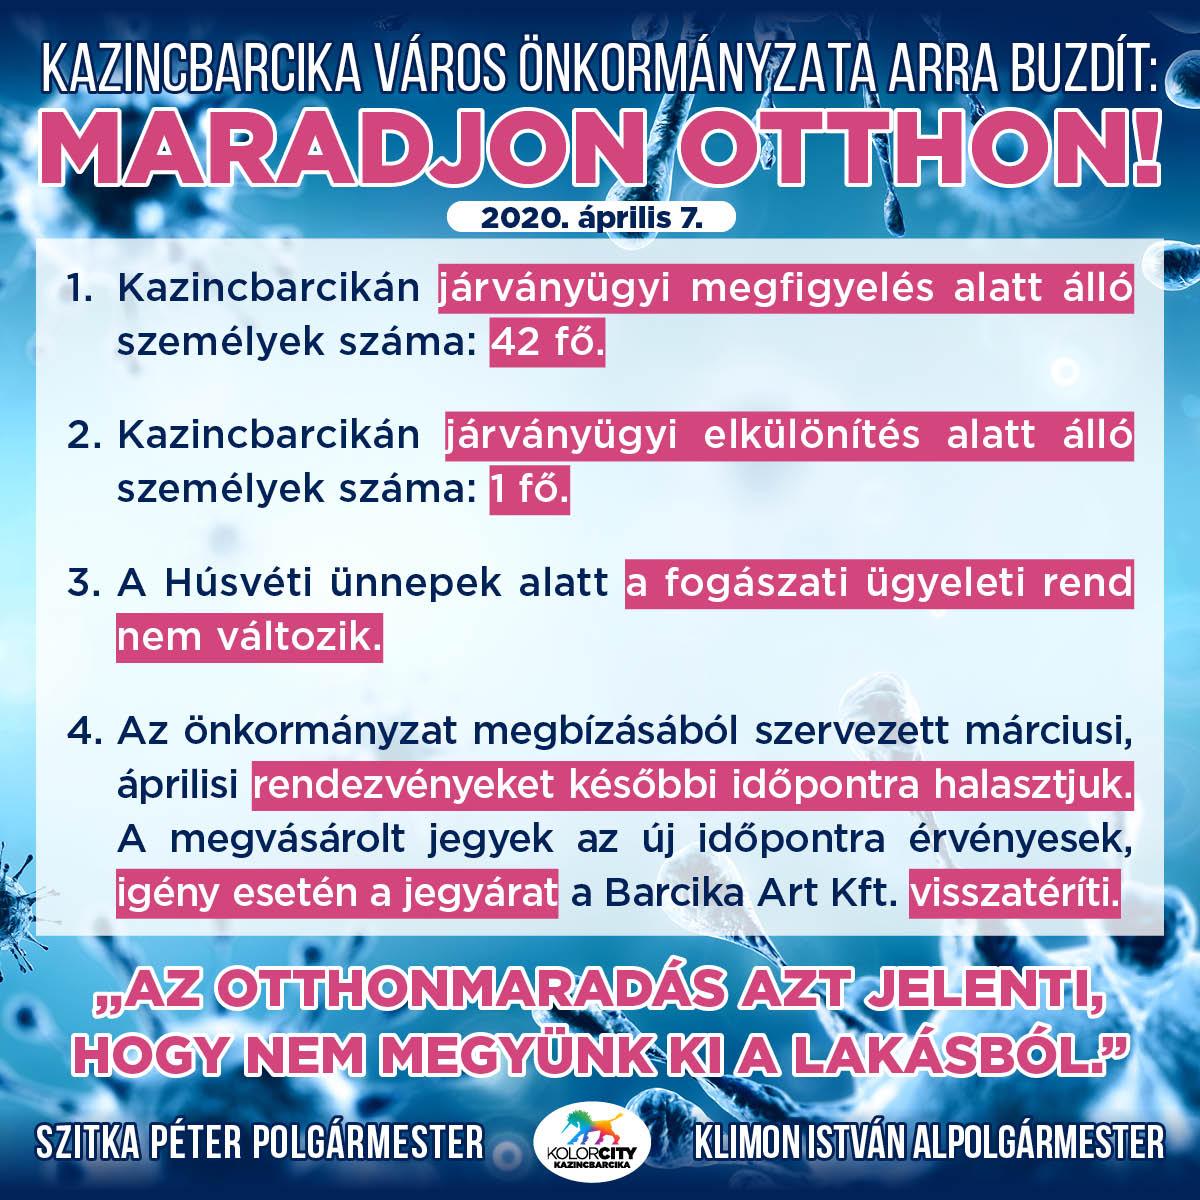 https://kolorline.hu/Kazincbarcika Város Önkormányzata arra buzdít: Maradj otthon! – 2020. április 7.